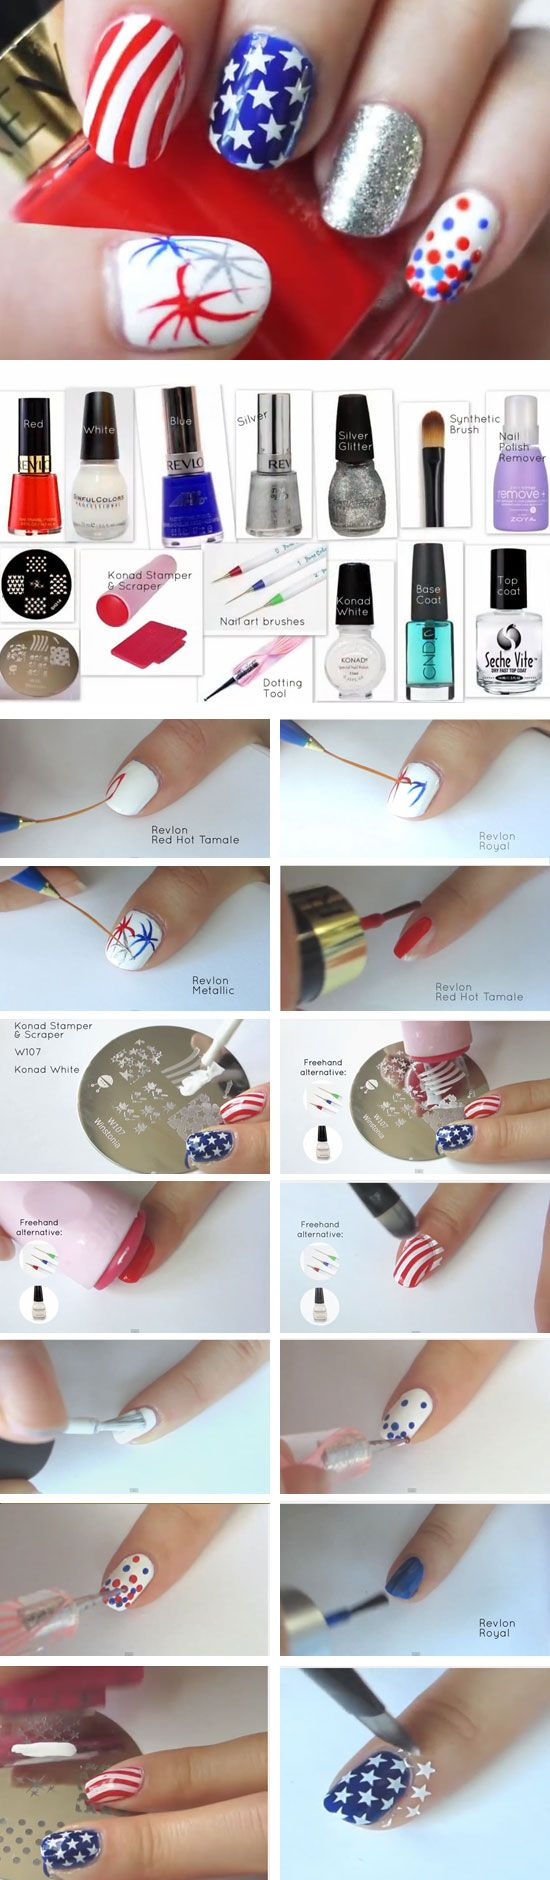 16 DIY Memorial Day Nails Red White Blue | La uña, Belleza y Pintar